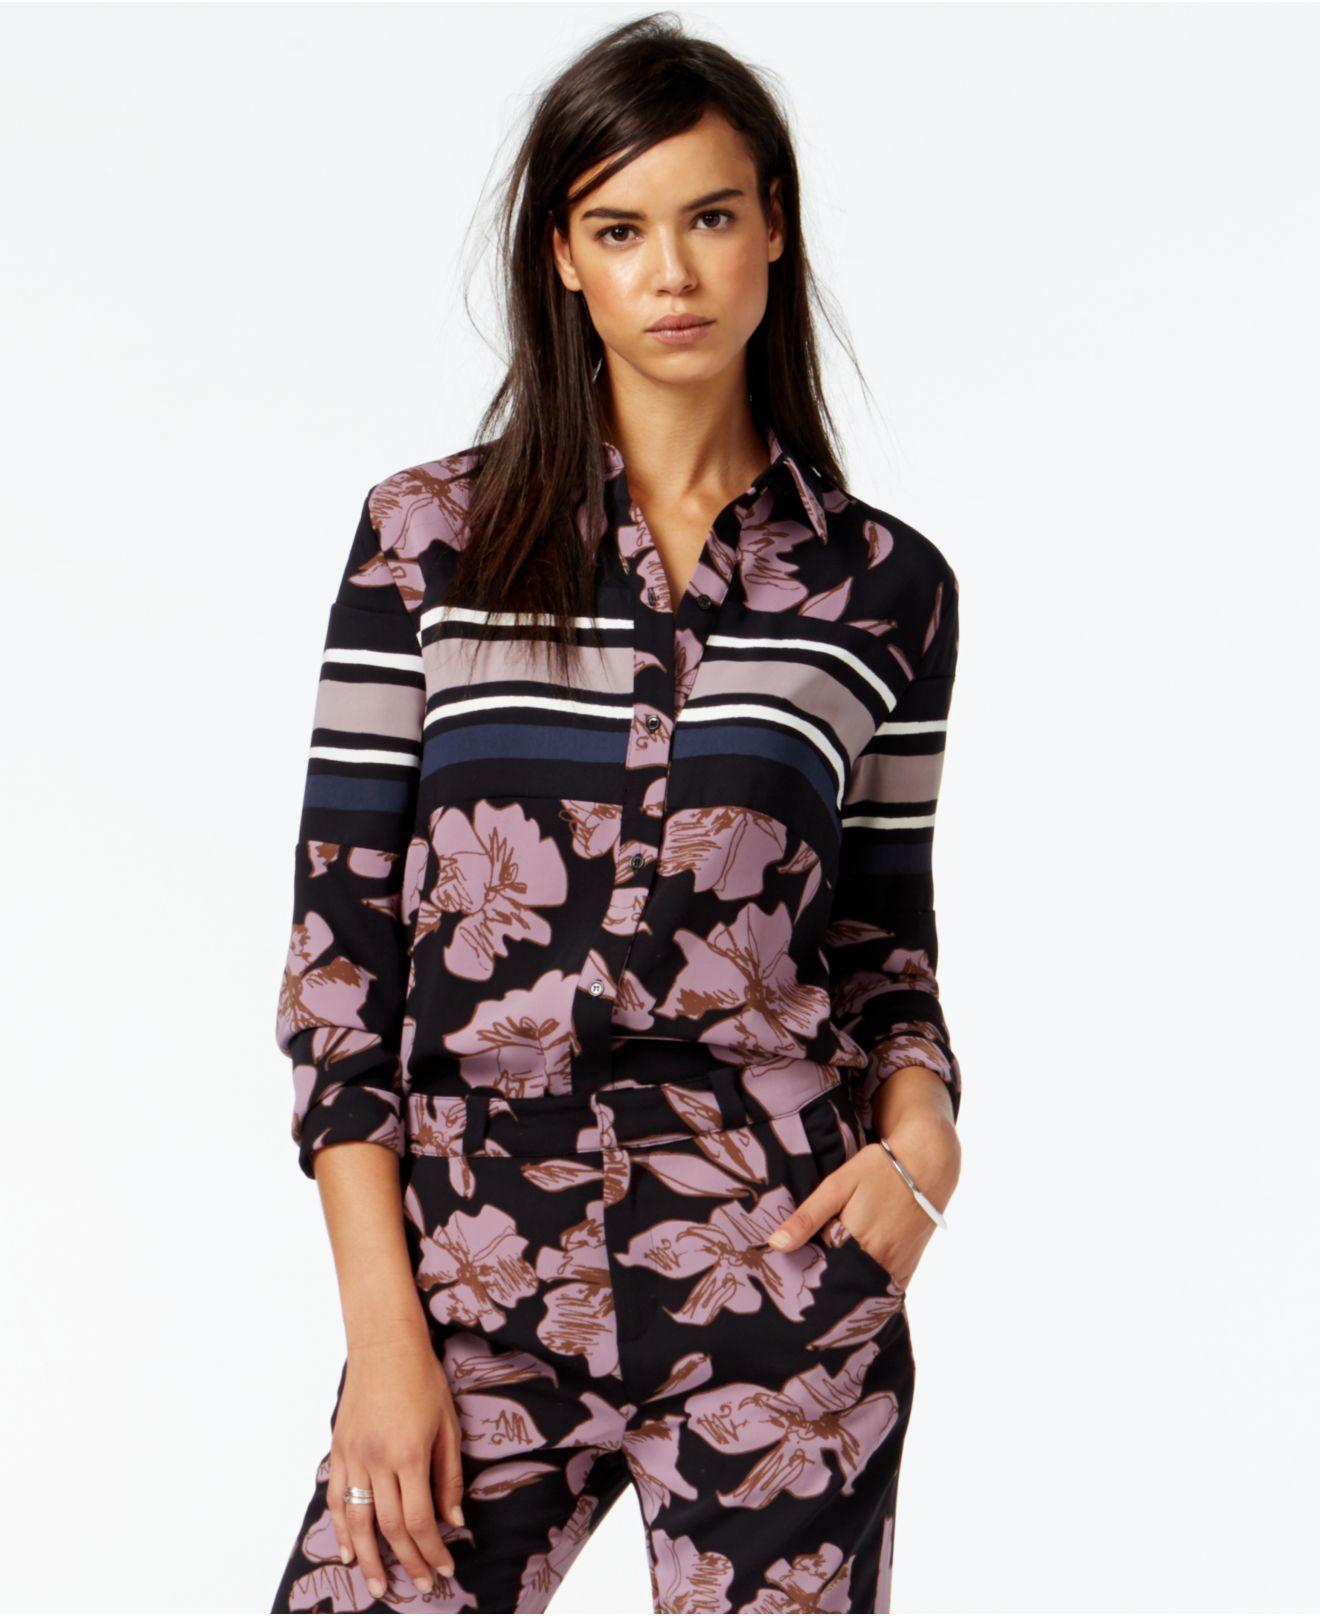 e7e2ea86fa8e47 RACHEL Rachel Roy Long-sleeve Mixed-print Shirt in Black - Lyst